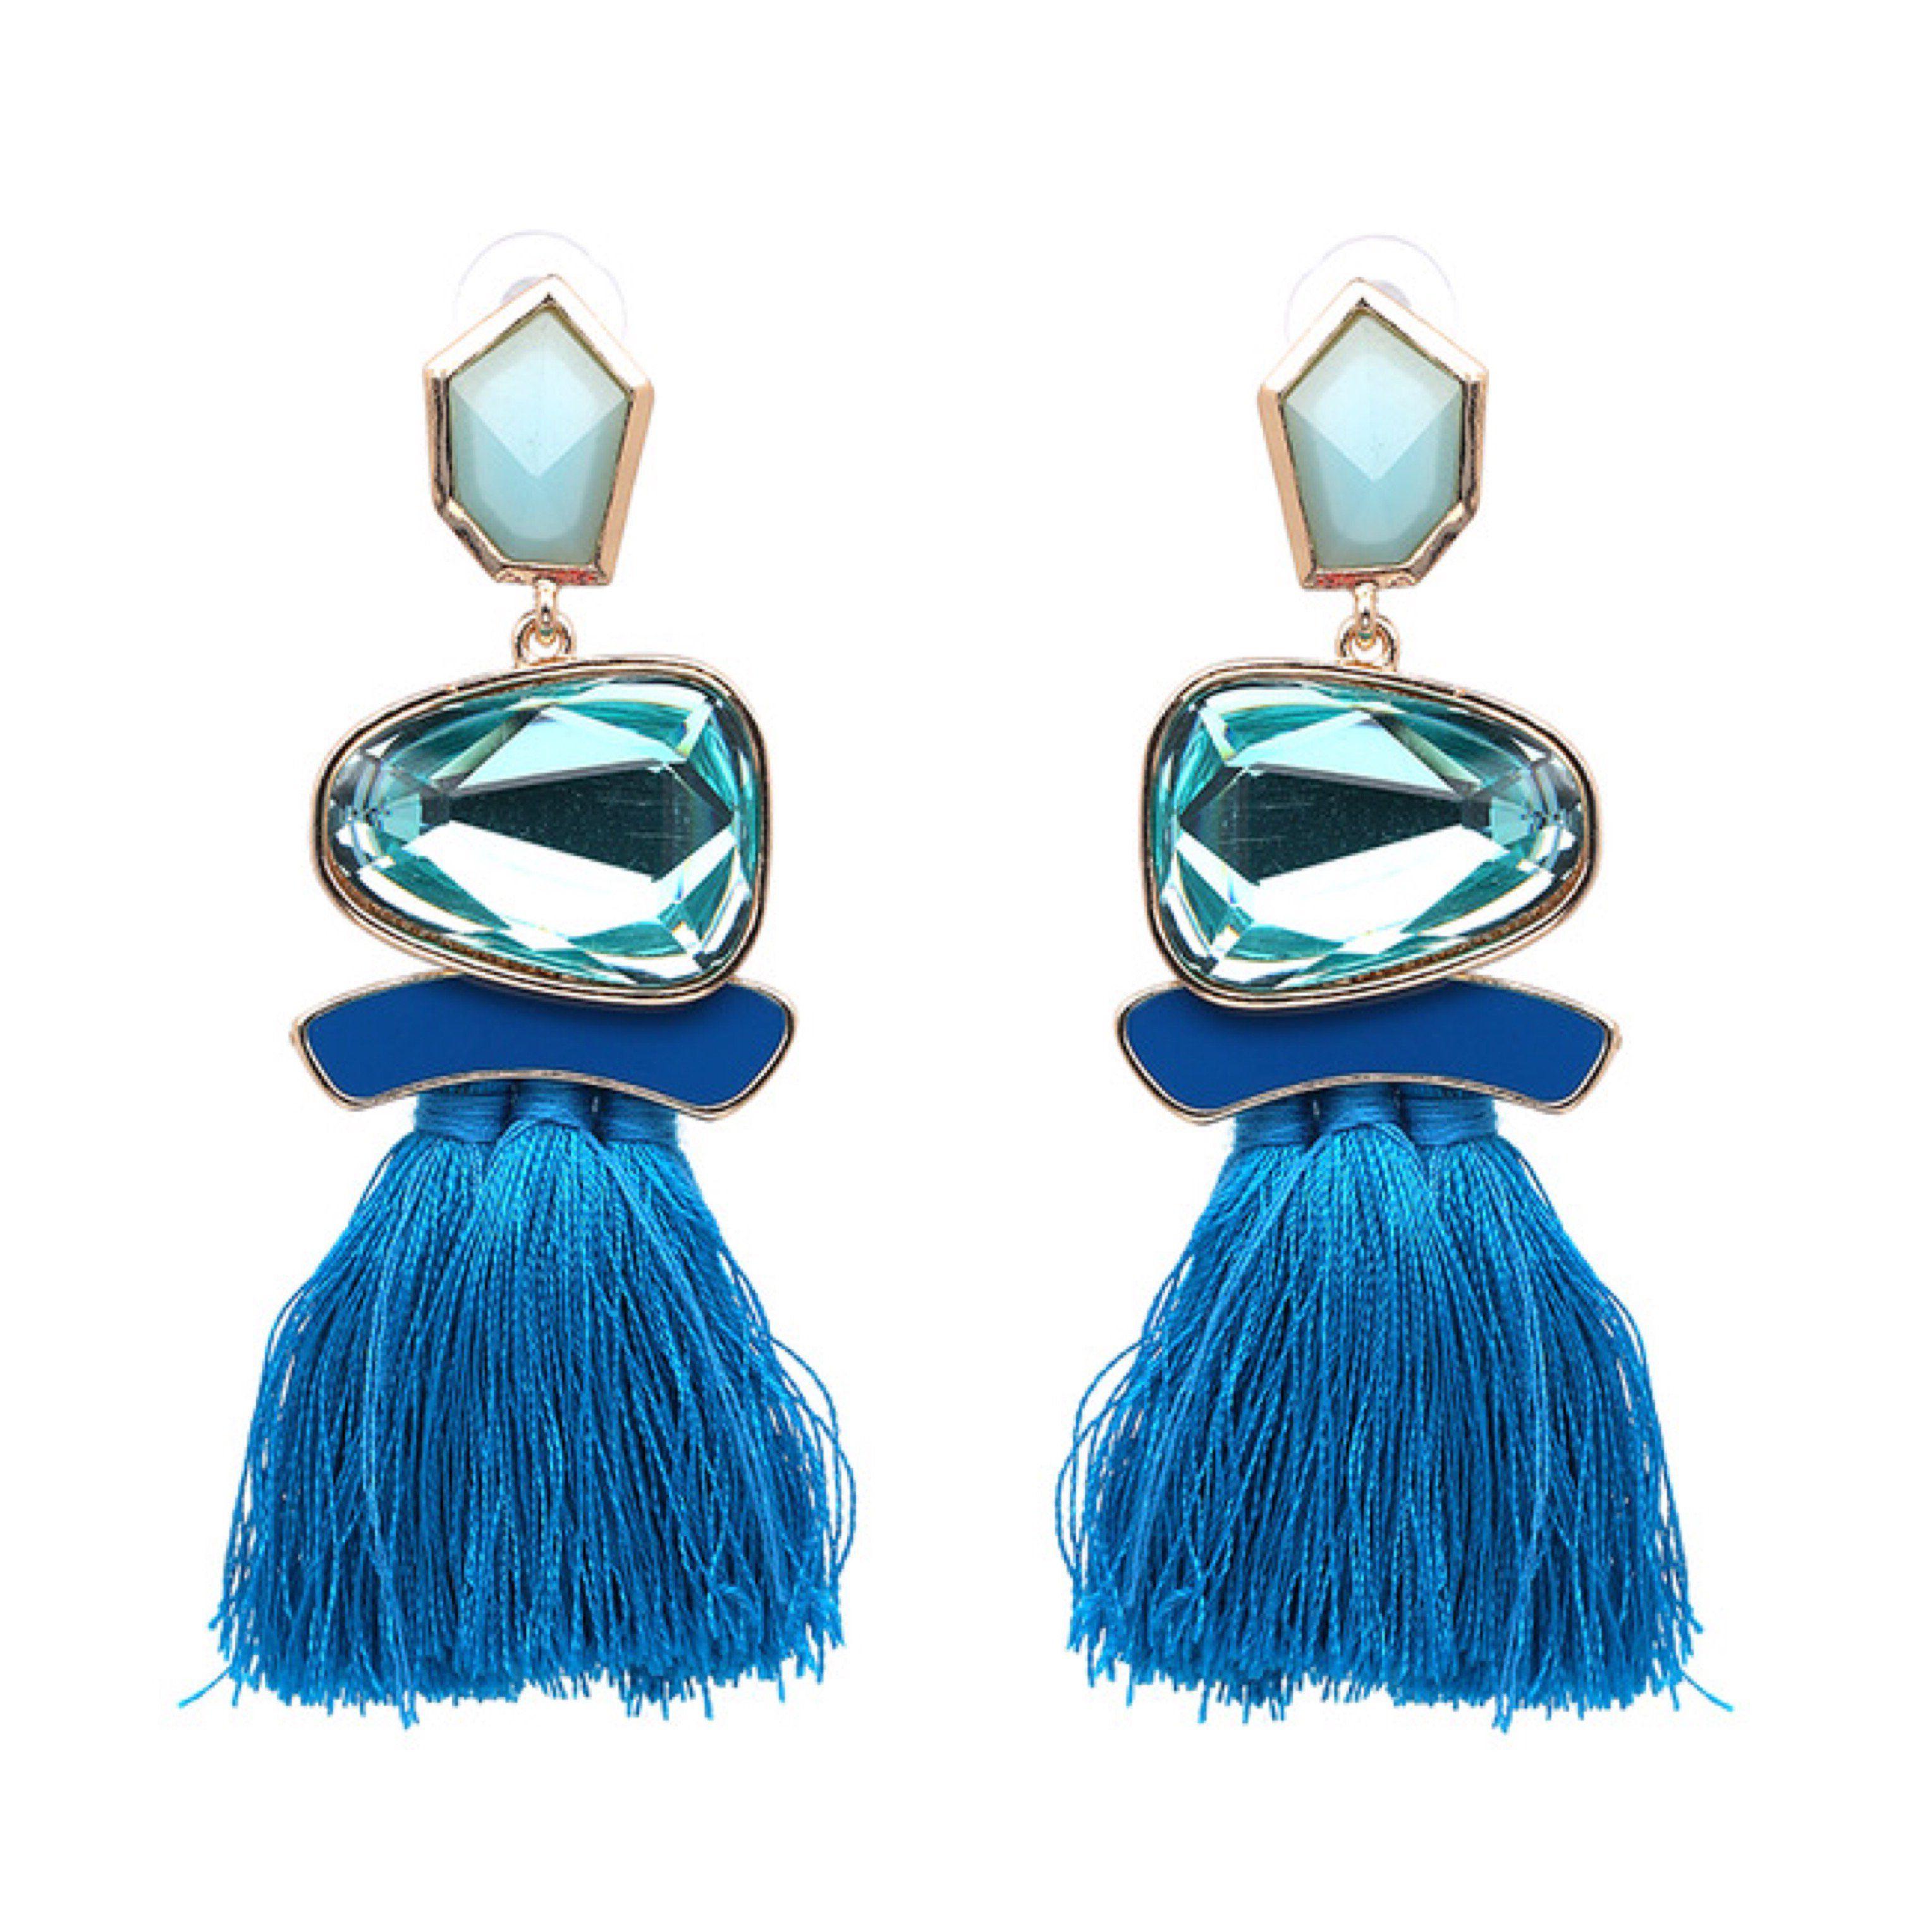 Women Boho Pom Pom Ball Tassel Long Ear Stud Dangle Drop Earring Jewelry Fashion